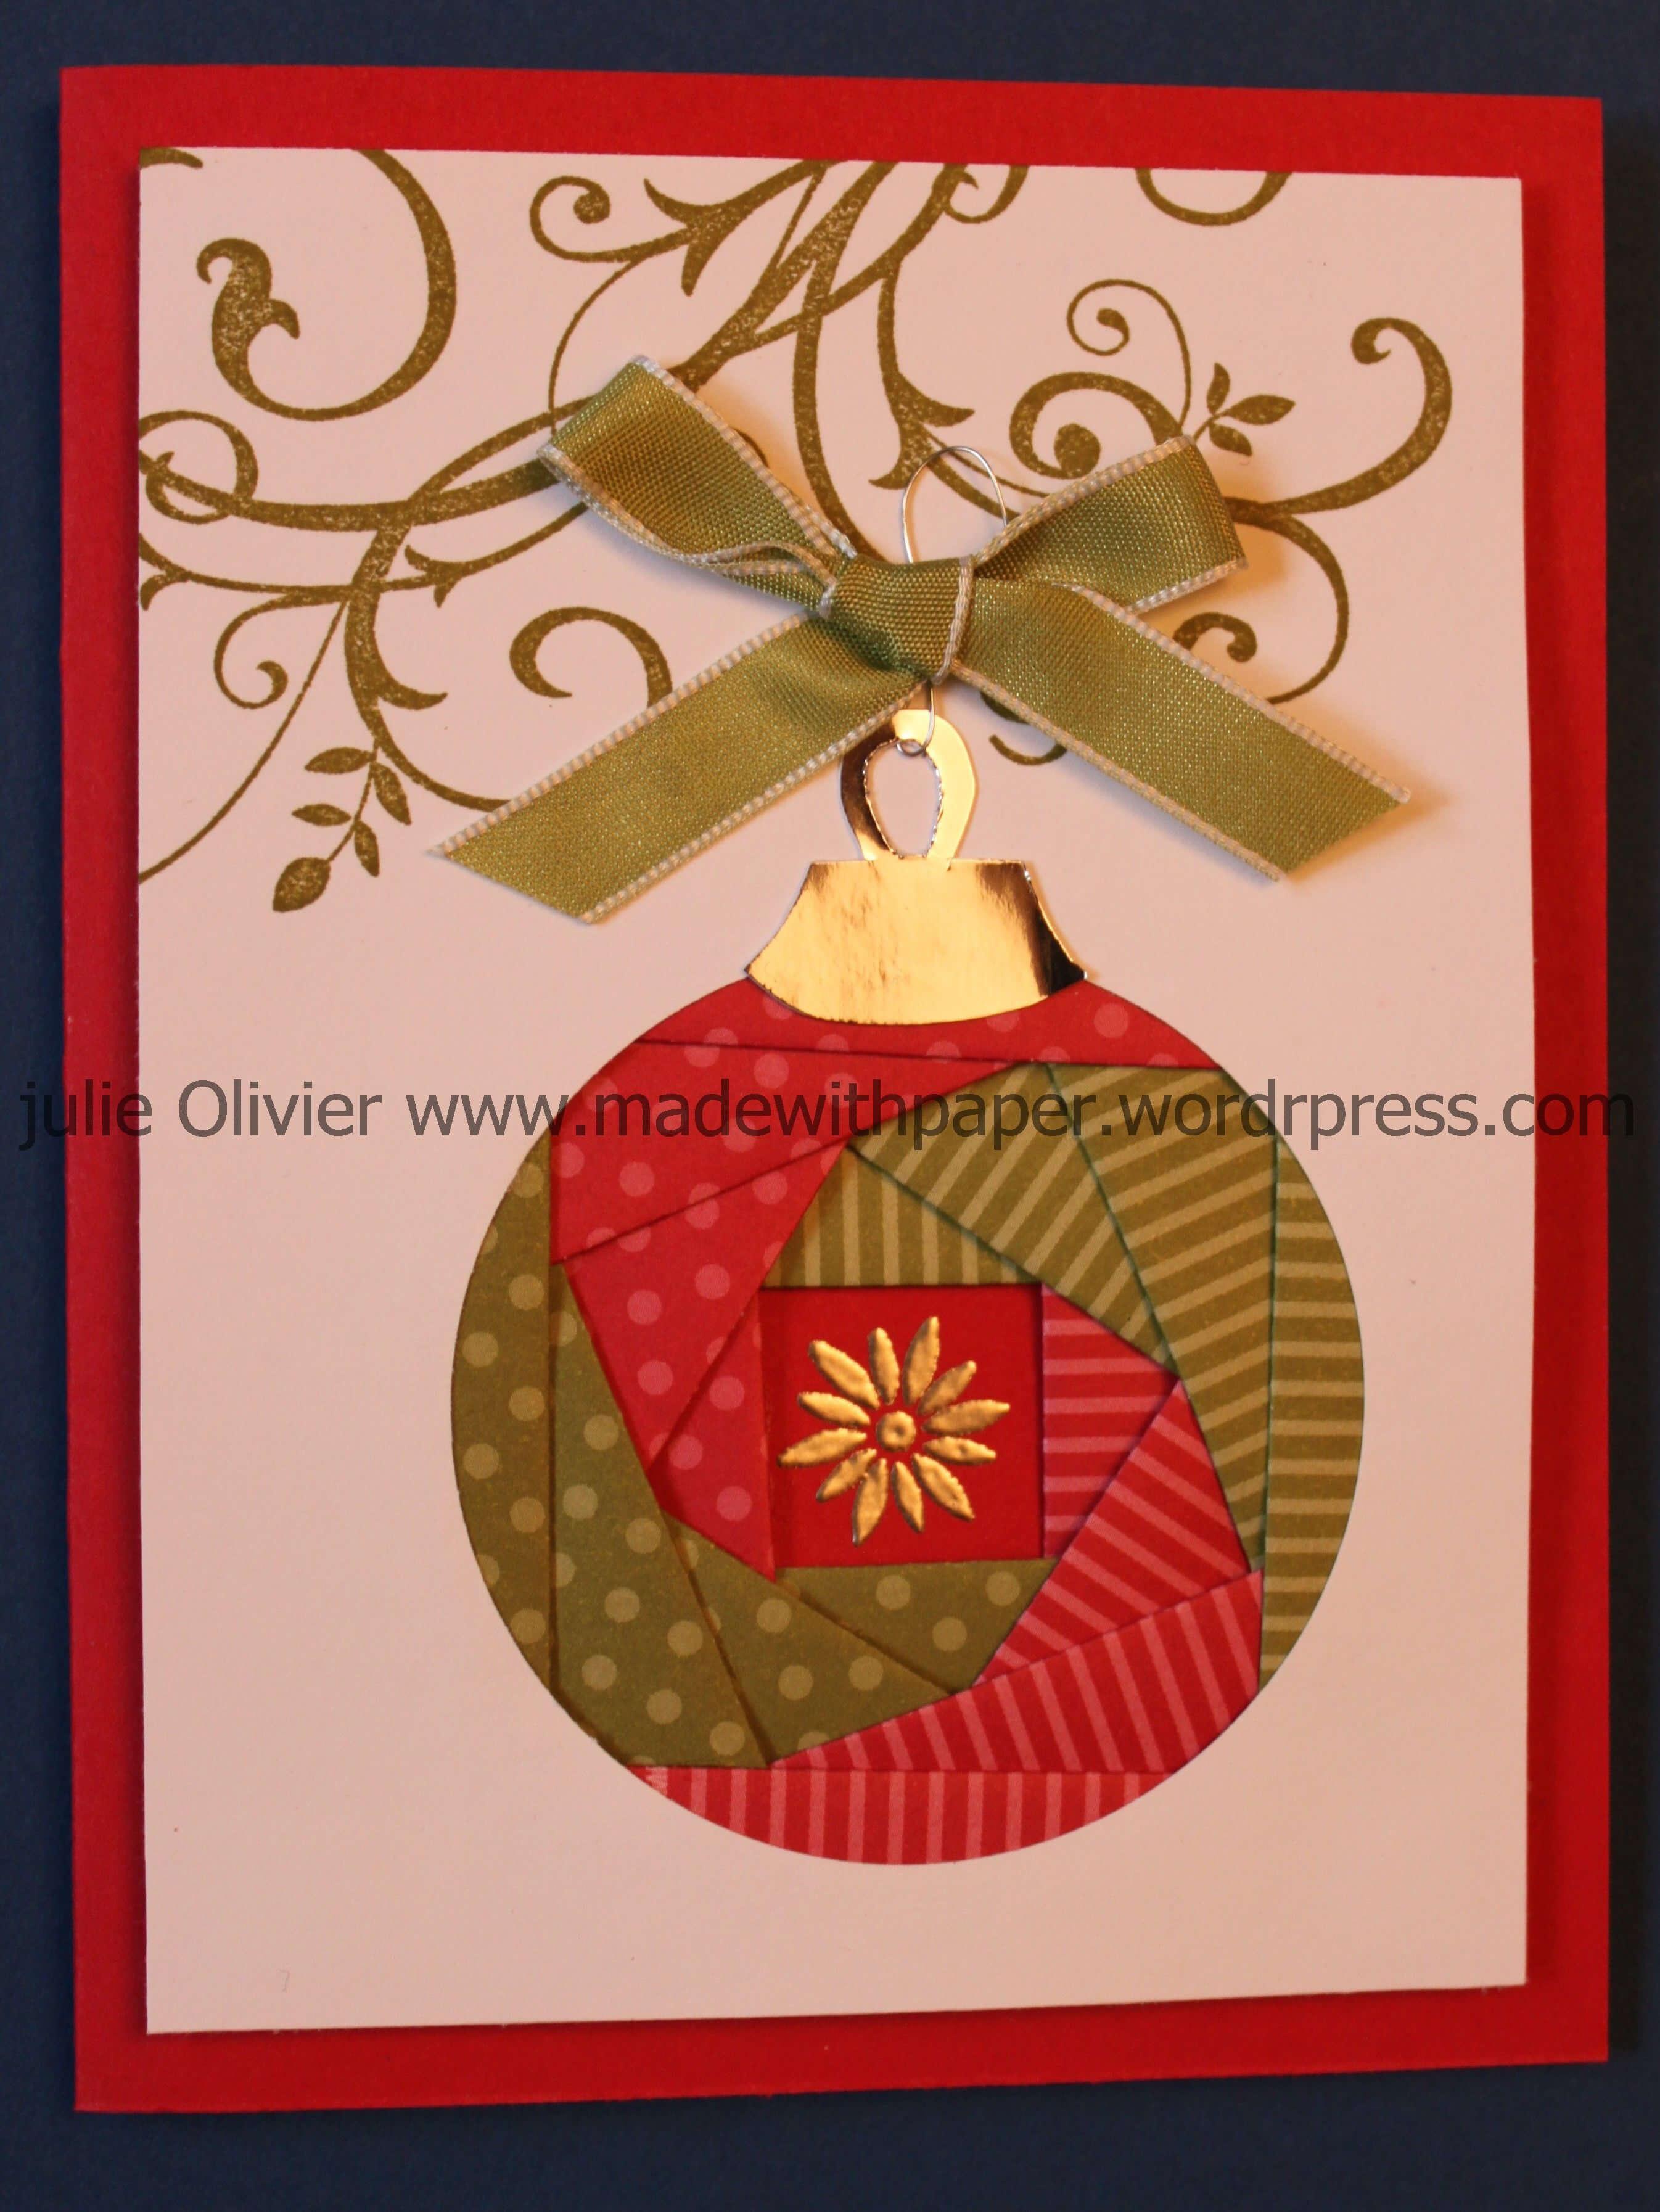 Iris Folding: Christmas Ornament | Cards - Iris Folding For Iris Folding Christmas Cards Templates